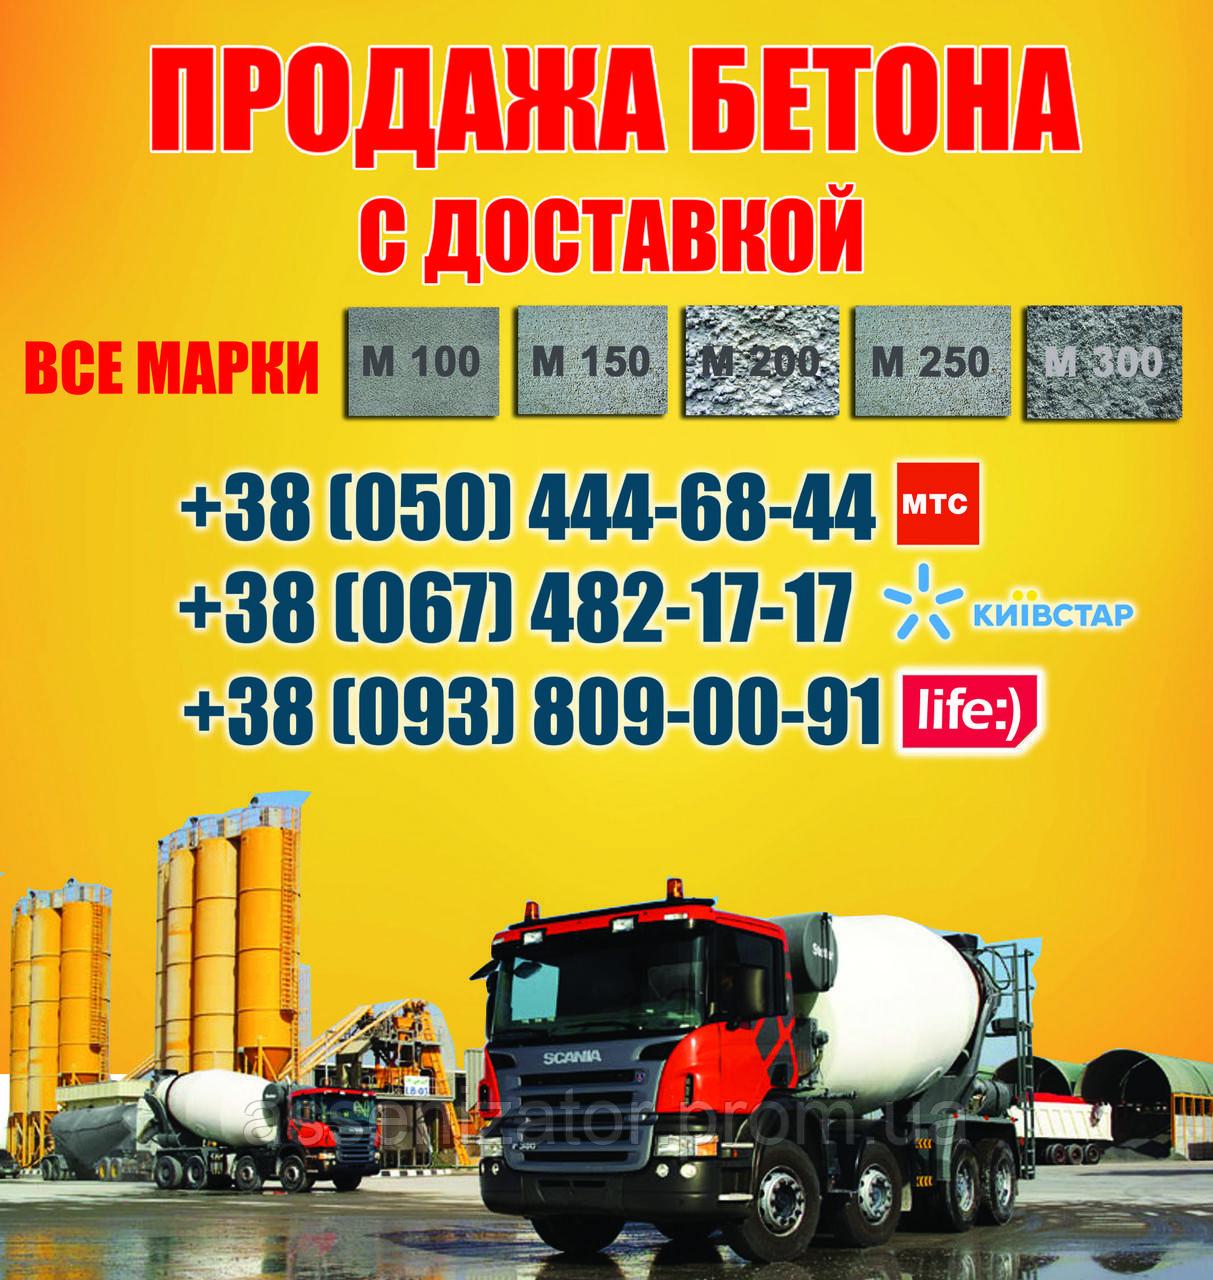 Бетон куплю днепропетровск насадка на болгарку для шлифовки бетона без пыли купить